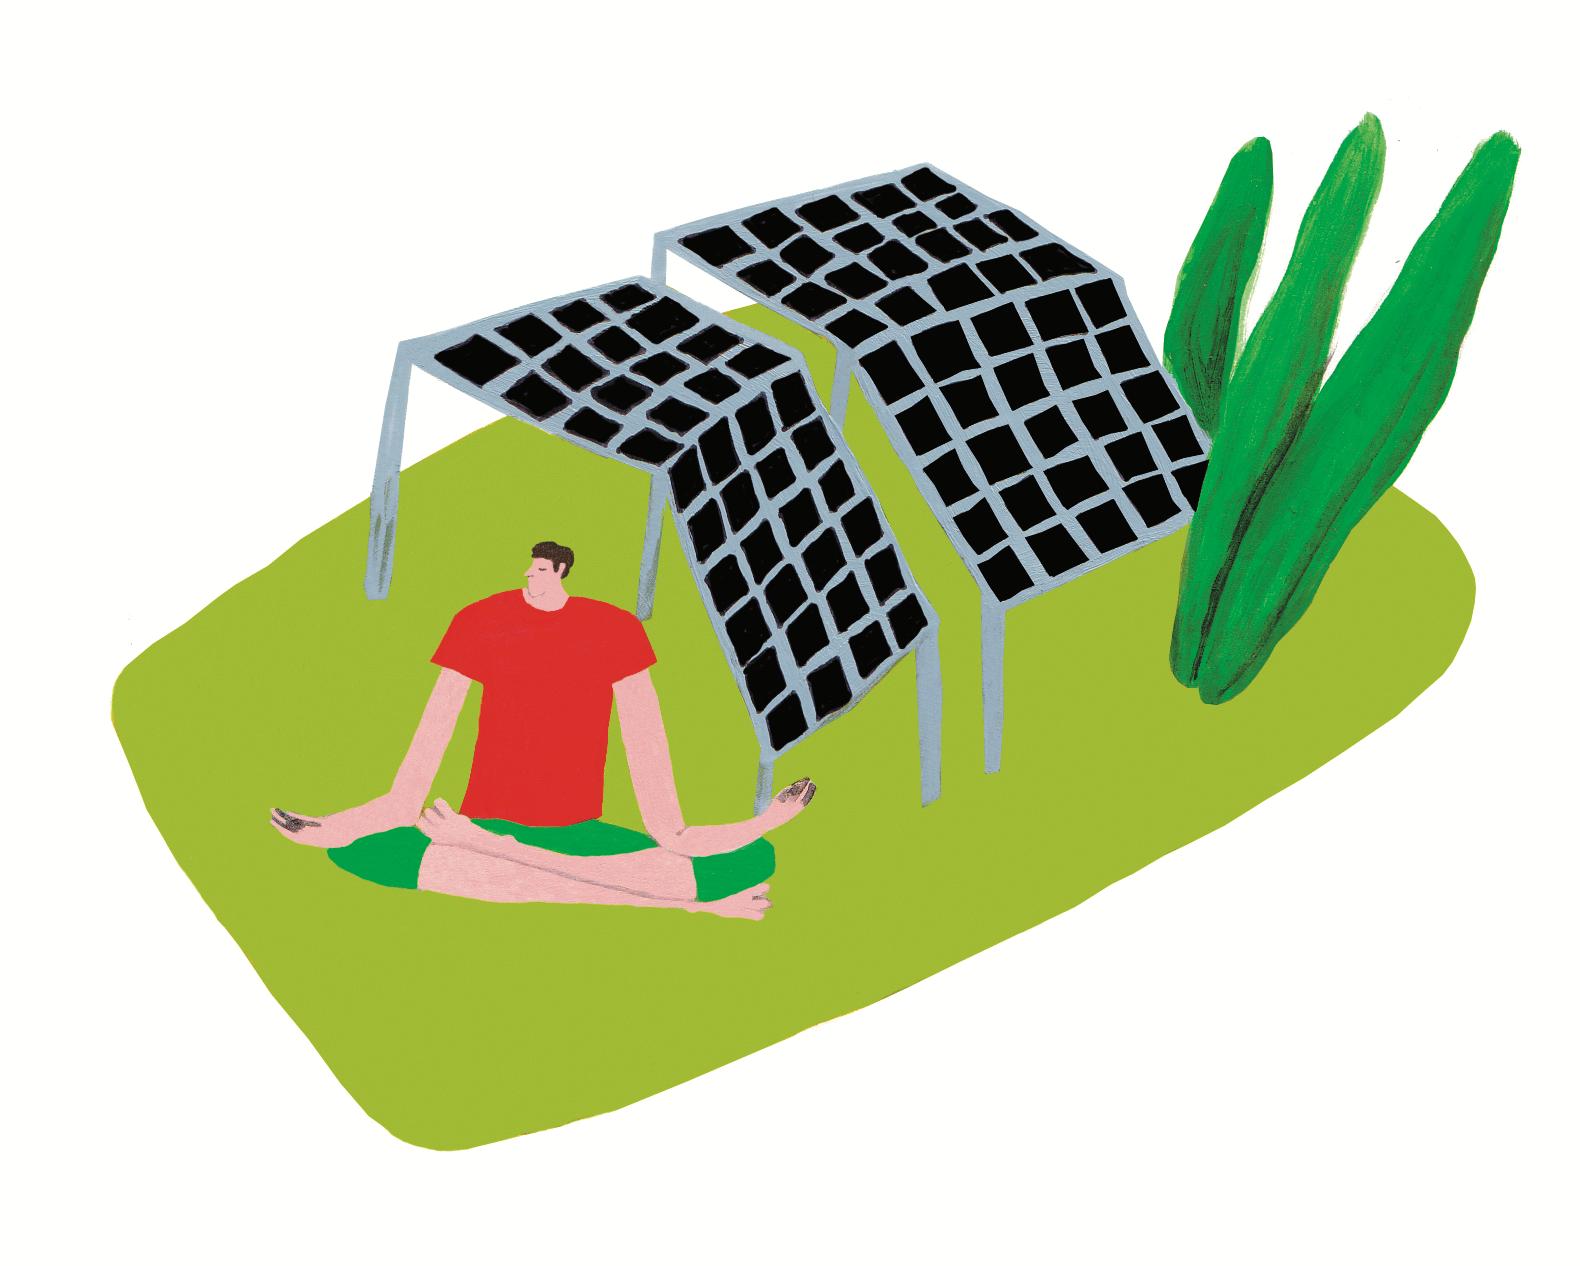 Solaranlagen auf einer Wiese und ein Mann der sich um eine bessere Wirtschaft Gedanken macht